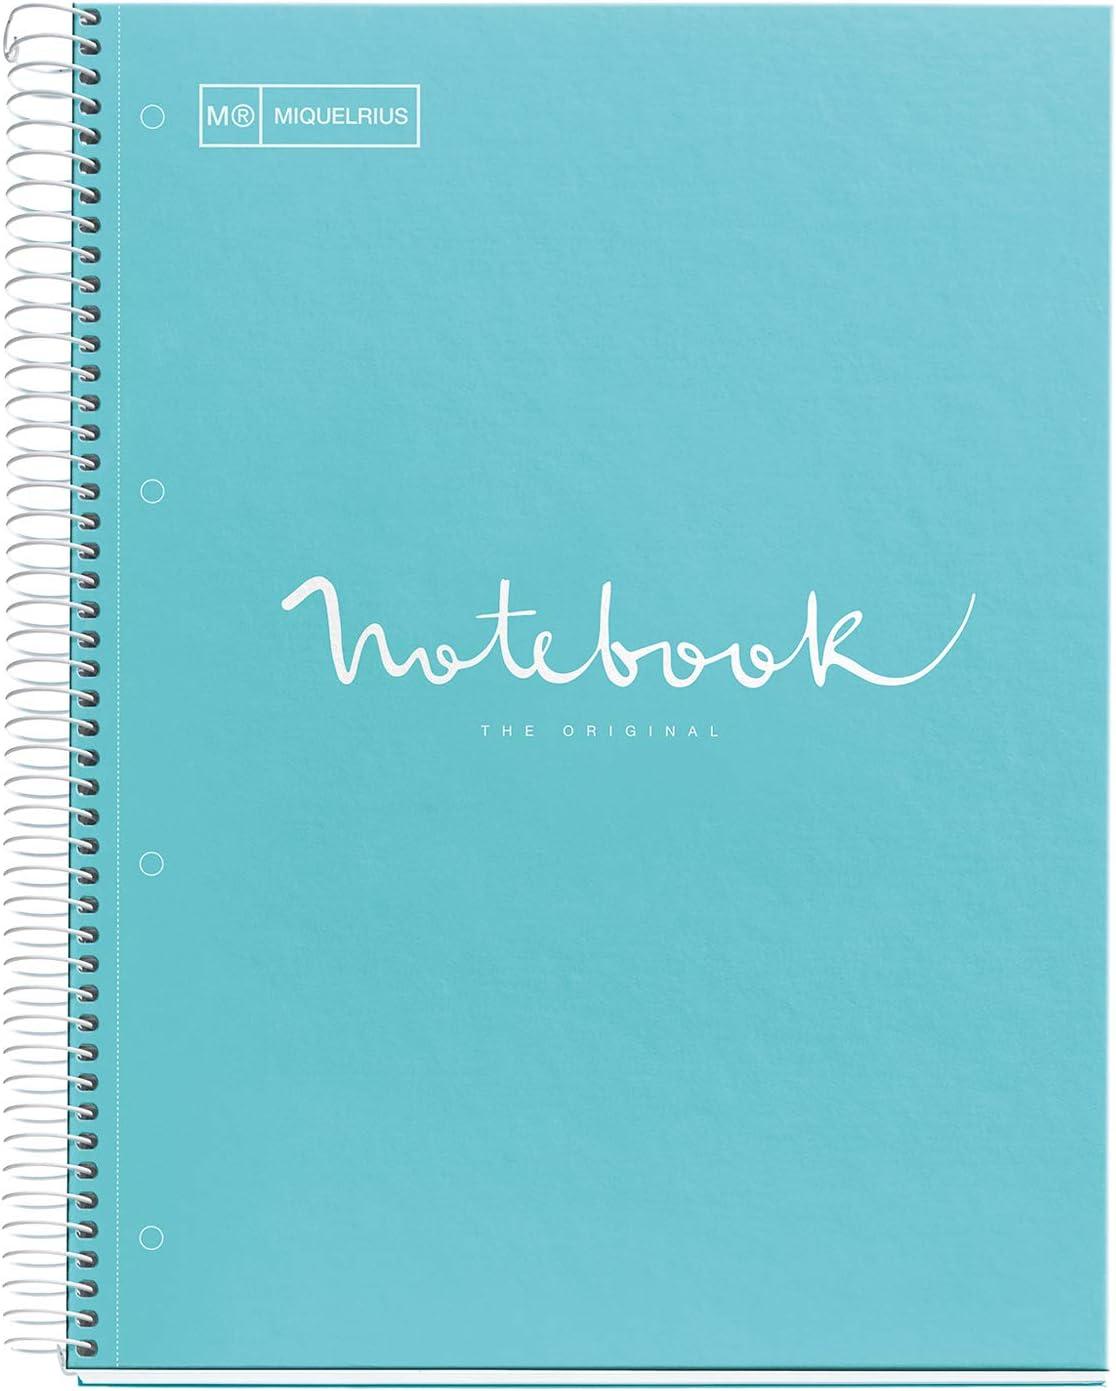 Miquelrius - Cuaderno Notebook Emotions - 1 franja de color, A4, 80 Hojas cuadriculadas 5mm, Papel 90g, 4 Taladros, Cubierta de Cartón Extraduro, Color Azul Cielo: Amazon.es: Oficina y papelería